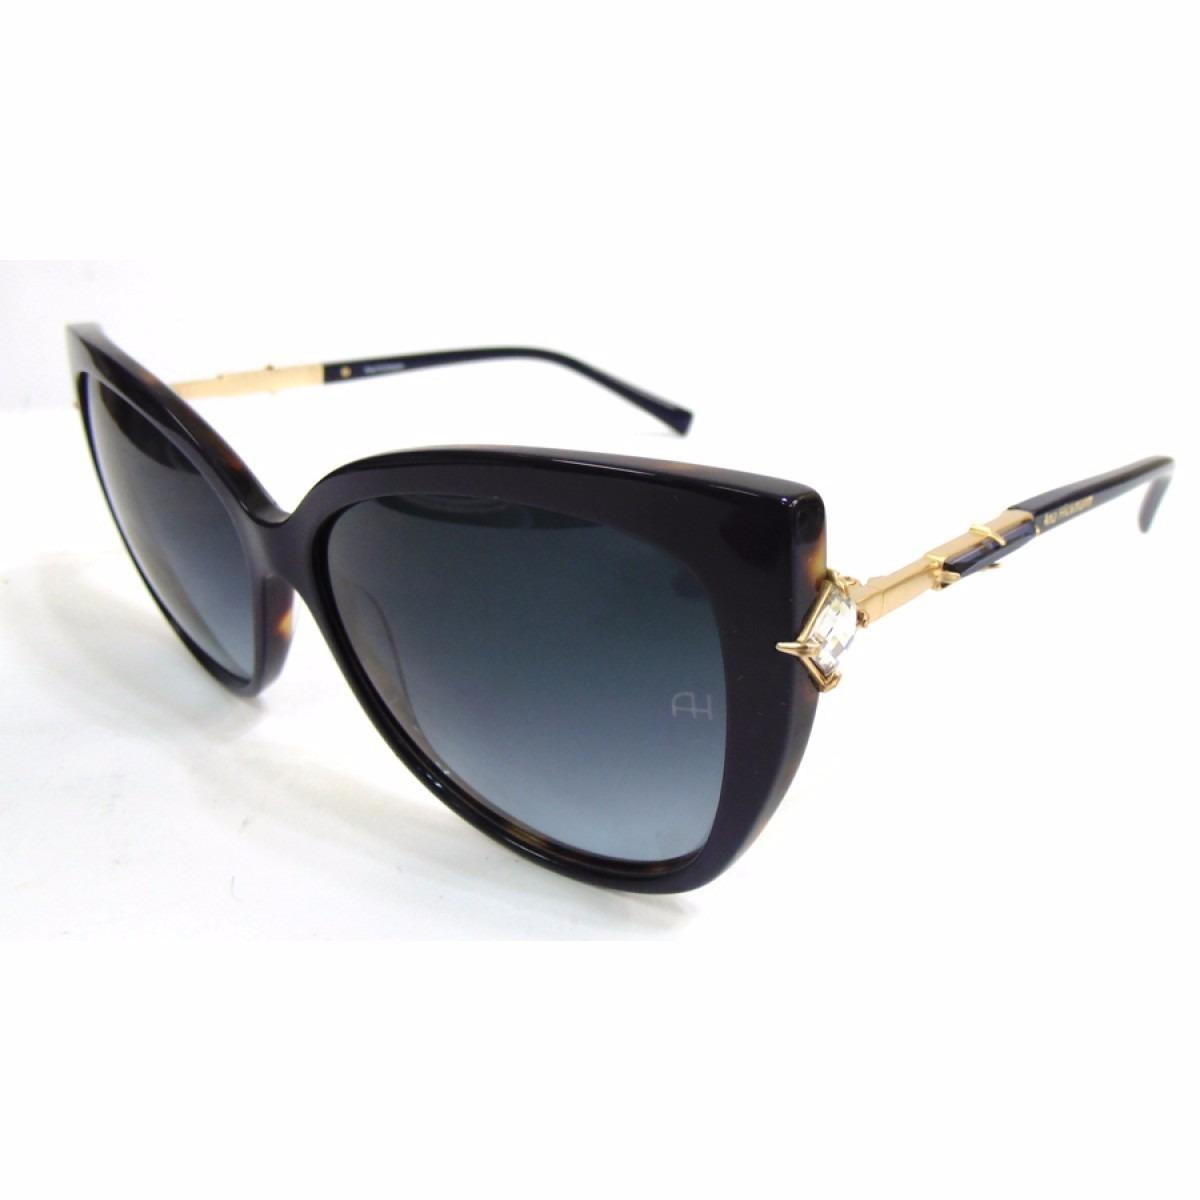 1fe6f24dbfbfa óculos de sol ana hickmann ah9203 a01. Carregando zoom.